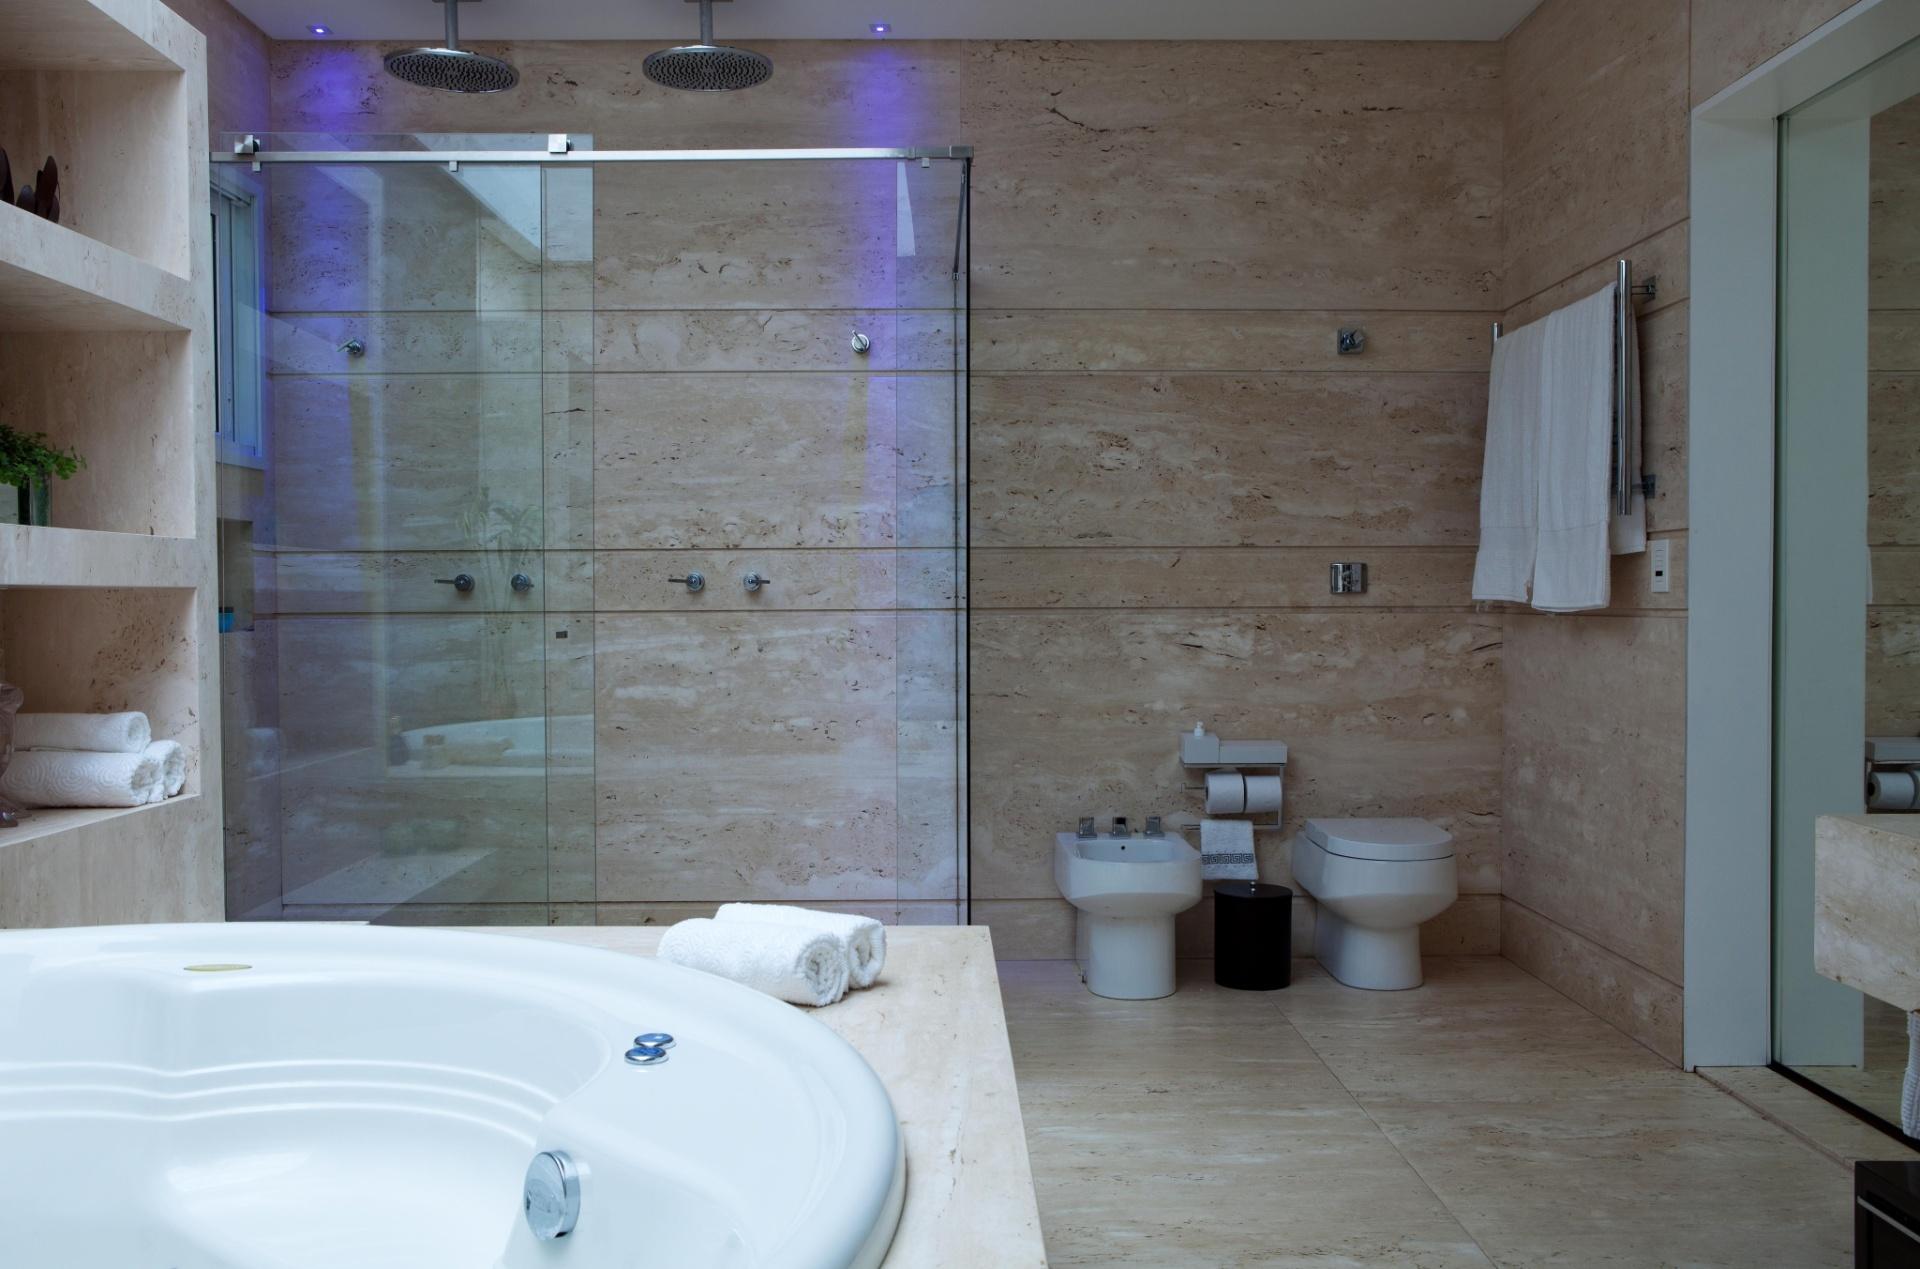 O revestimento em Limestone, que cria nichos e recobre o espaço do chão ao teto dá leveza ao banheiro da suíte máster da casa em Barueri (SP), decorada por Giseli Koraicho